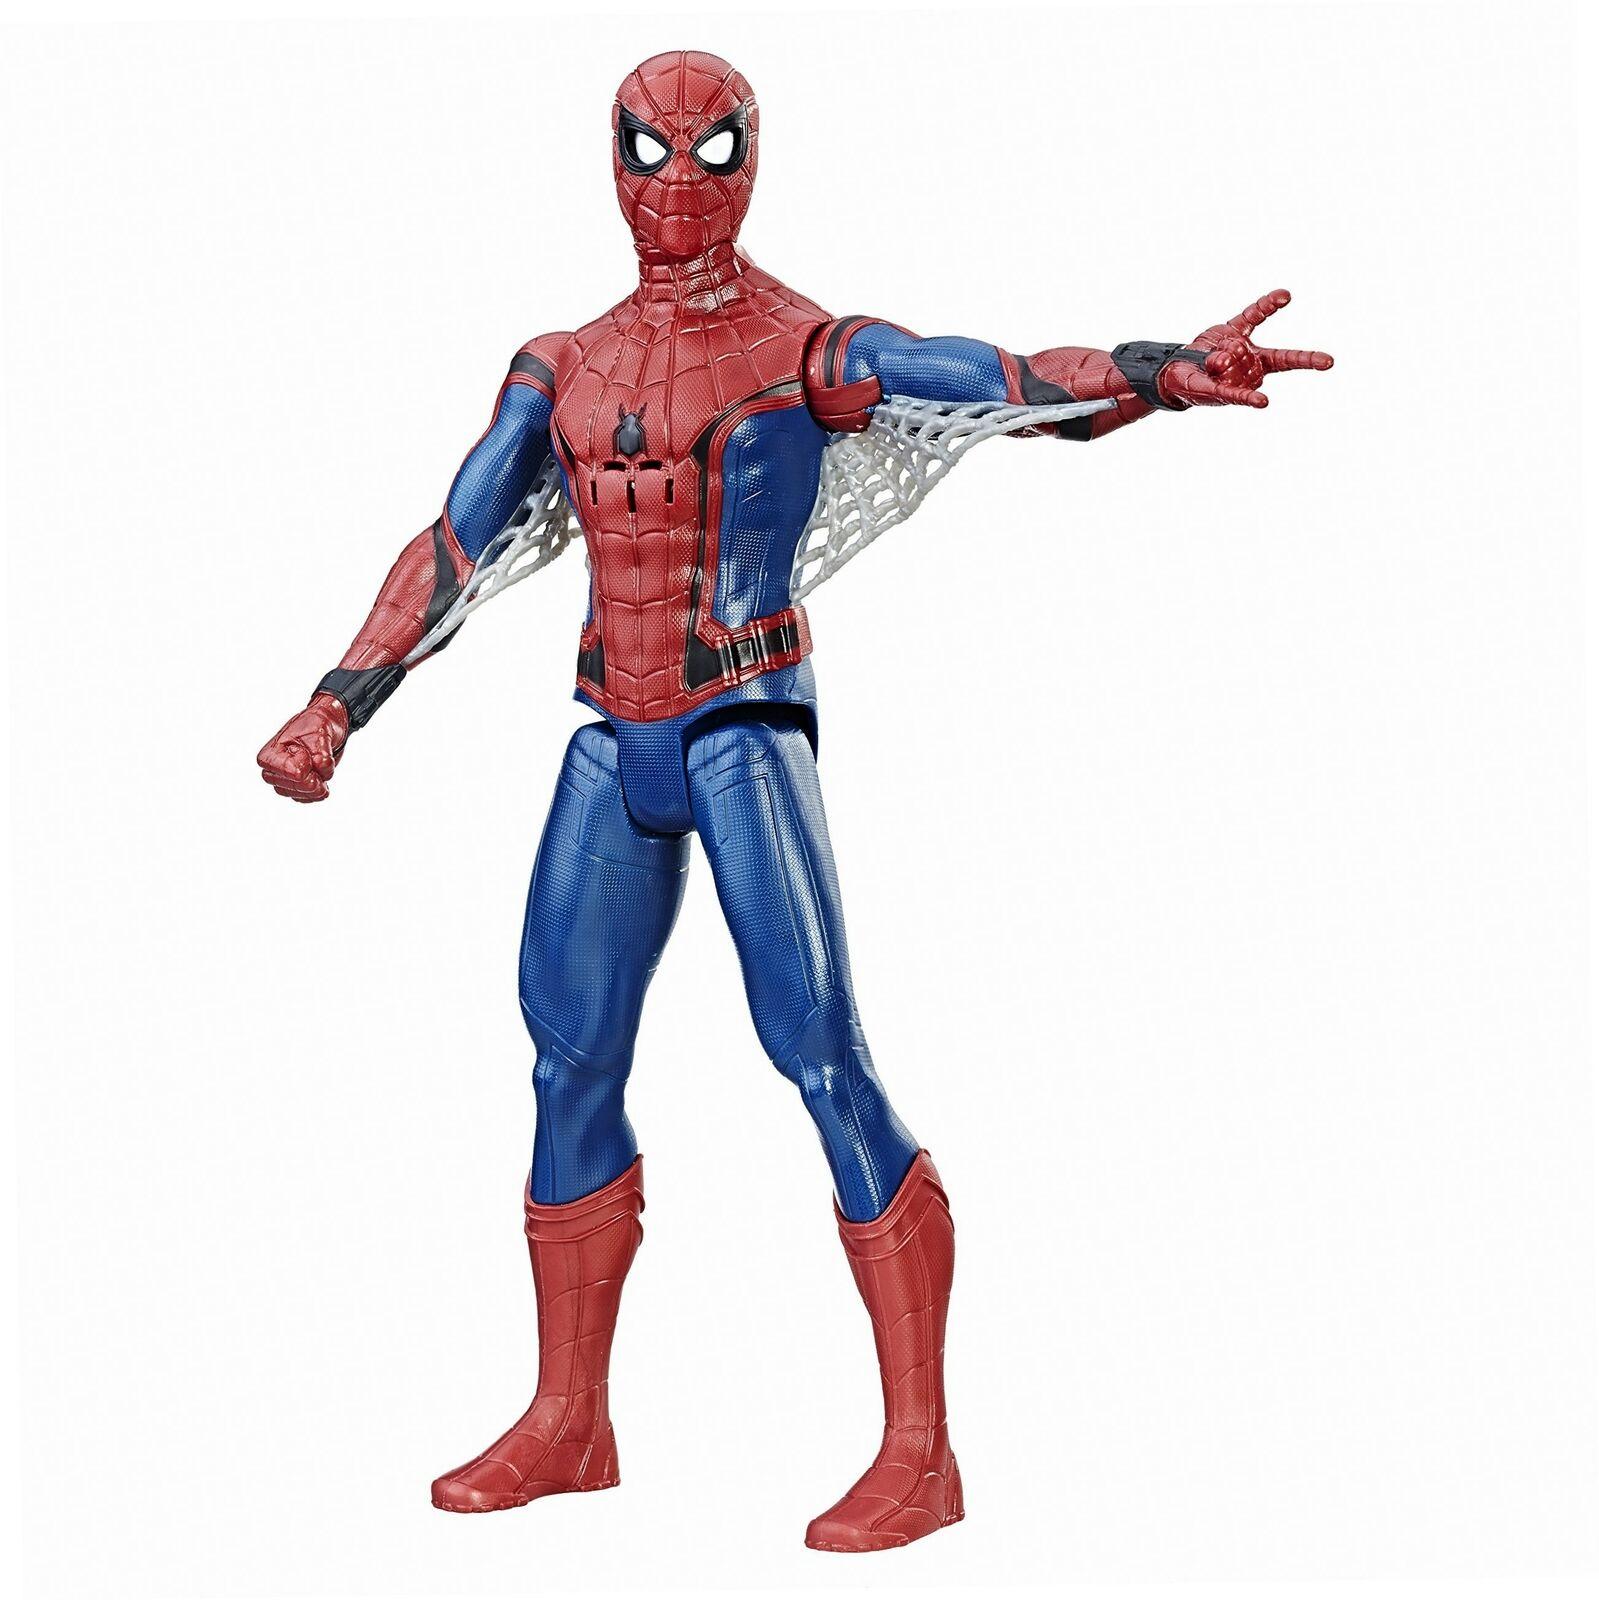 Spider-Man-MAN B96931020 Heimkehr Eye FX Electronic